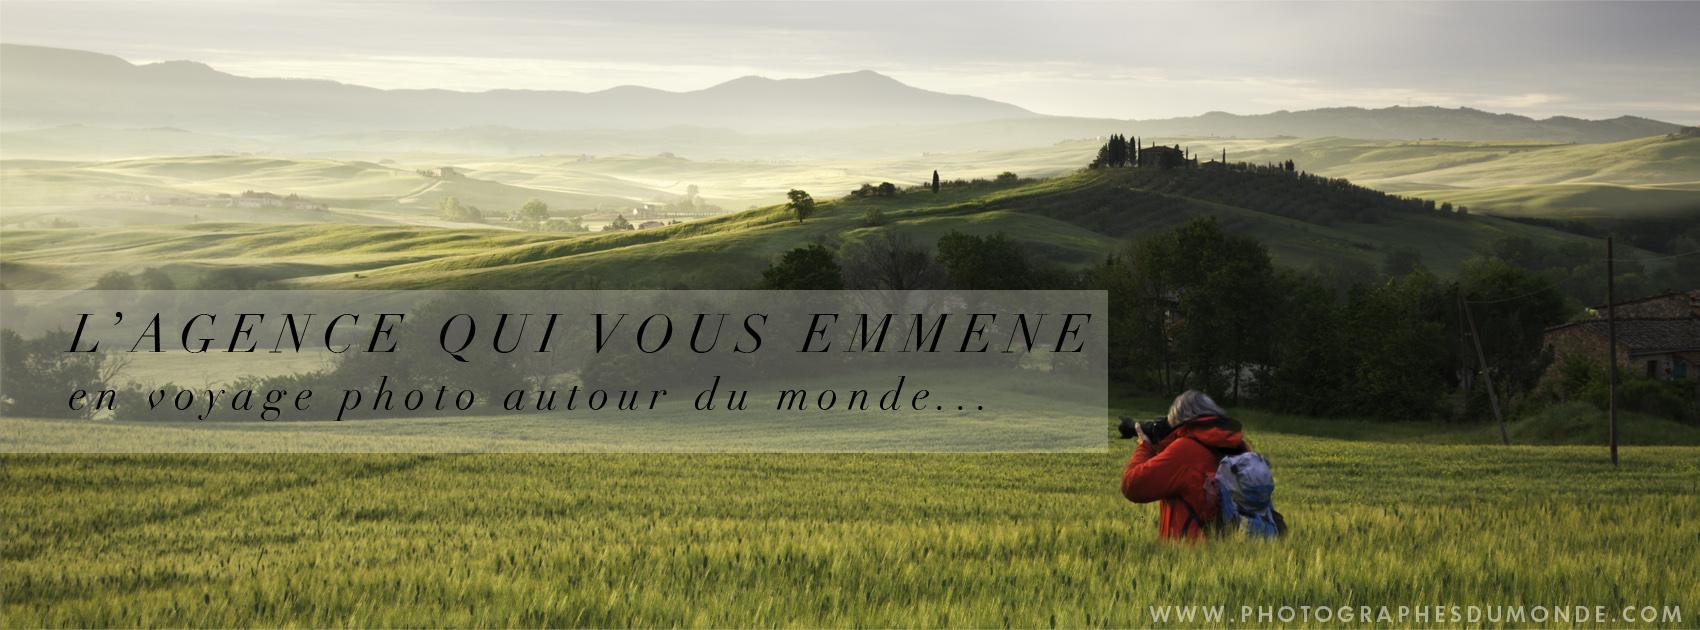 http://www.tourmag.com/docs/emploi/photographes-du-monde-voyages-photo.jpg